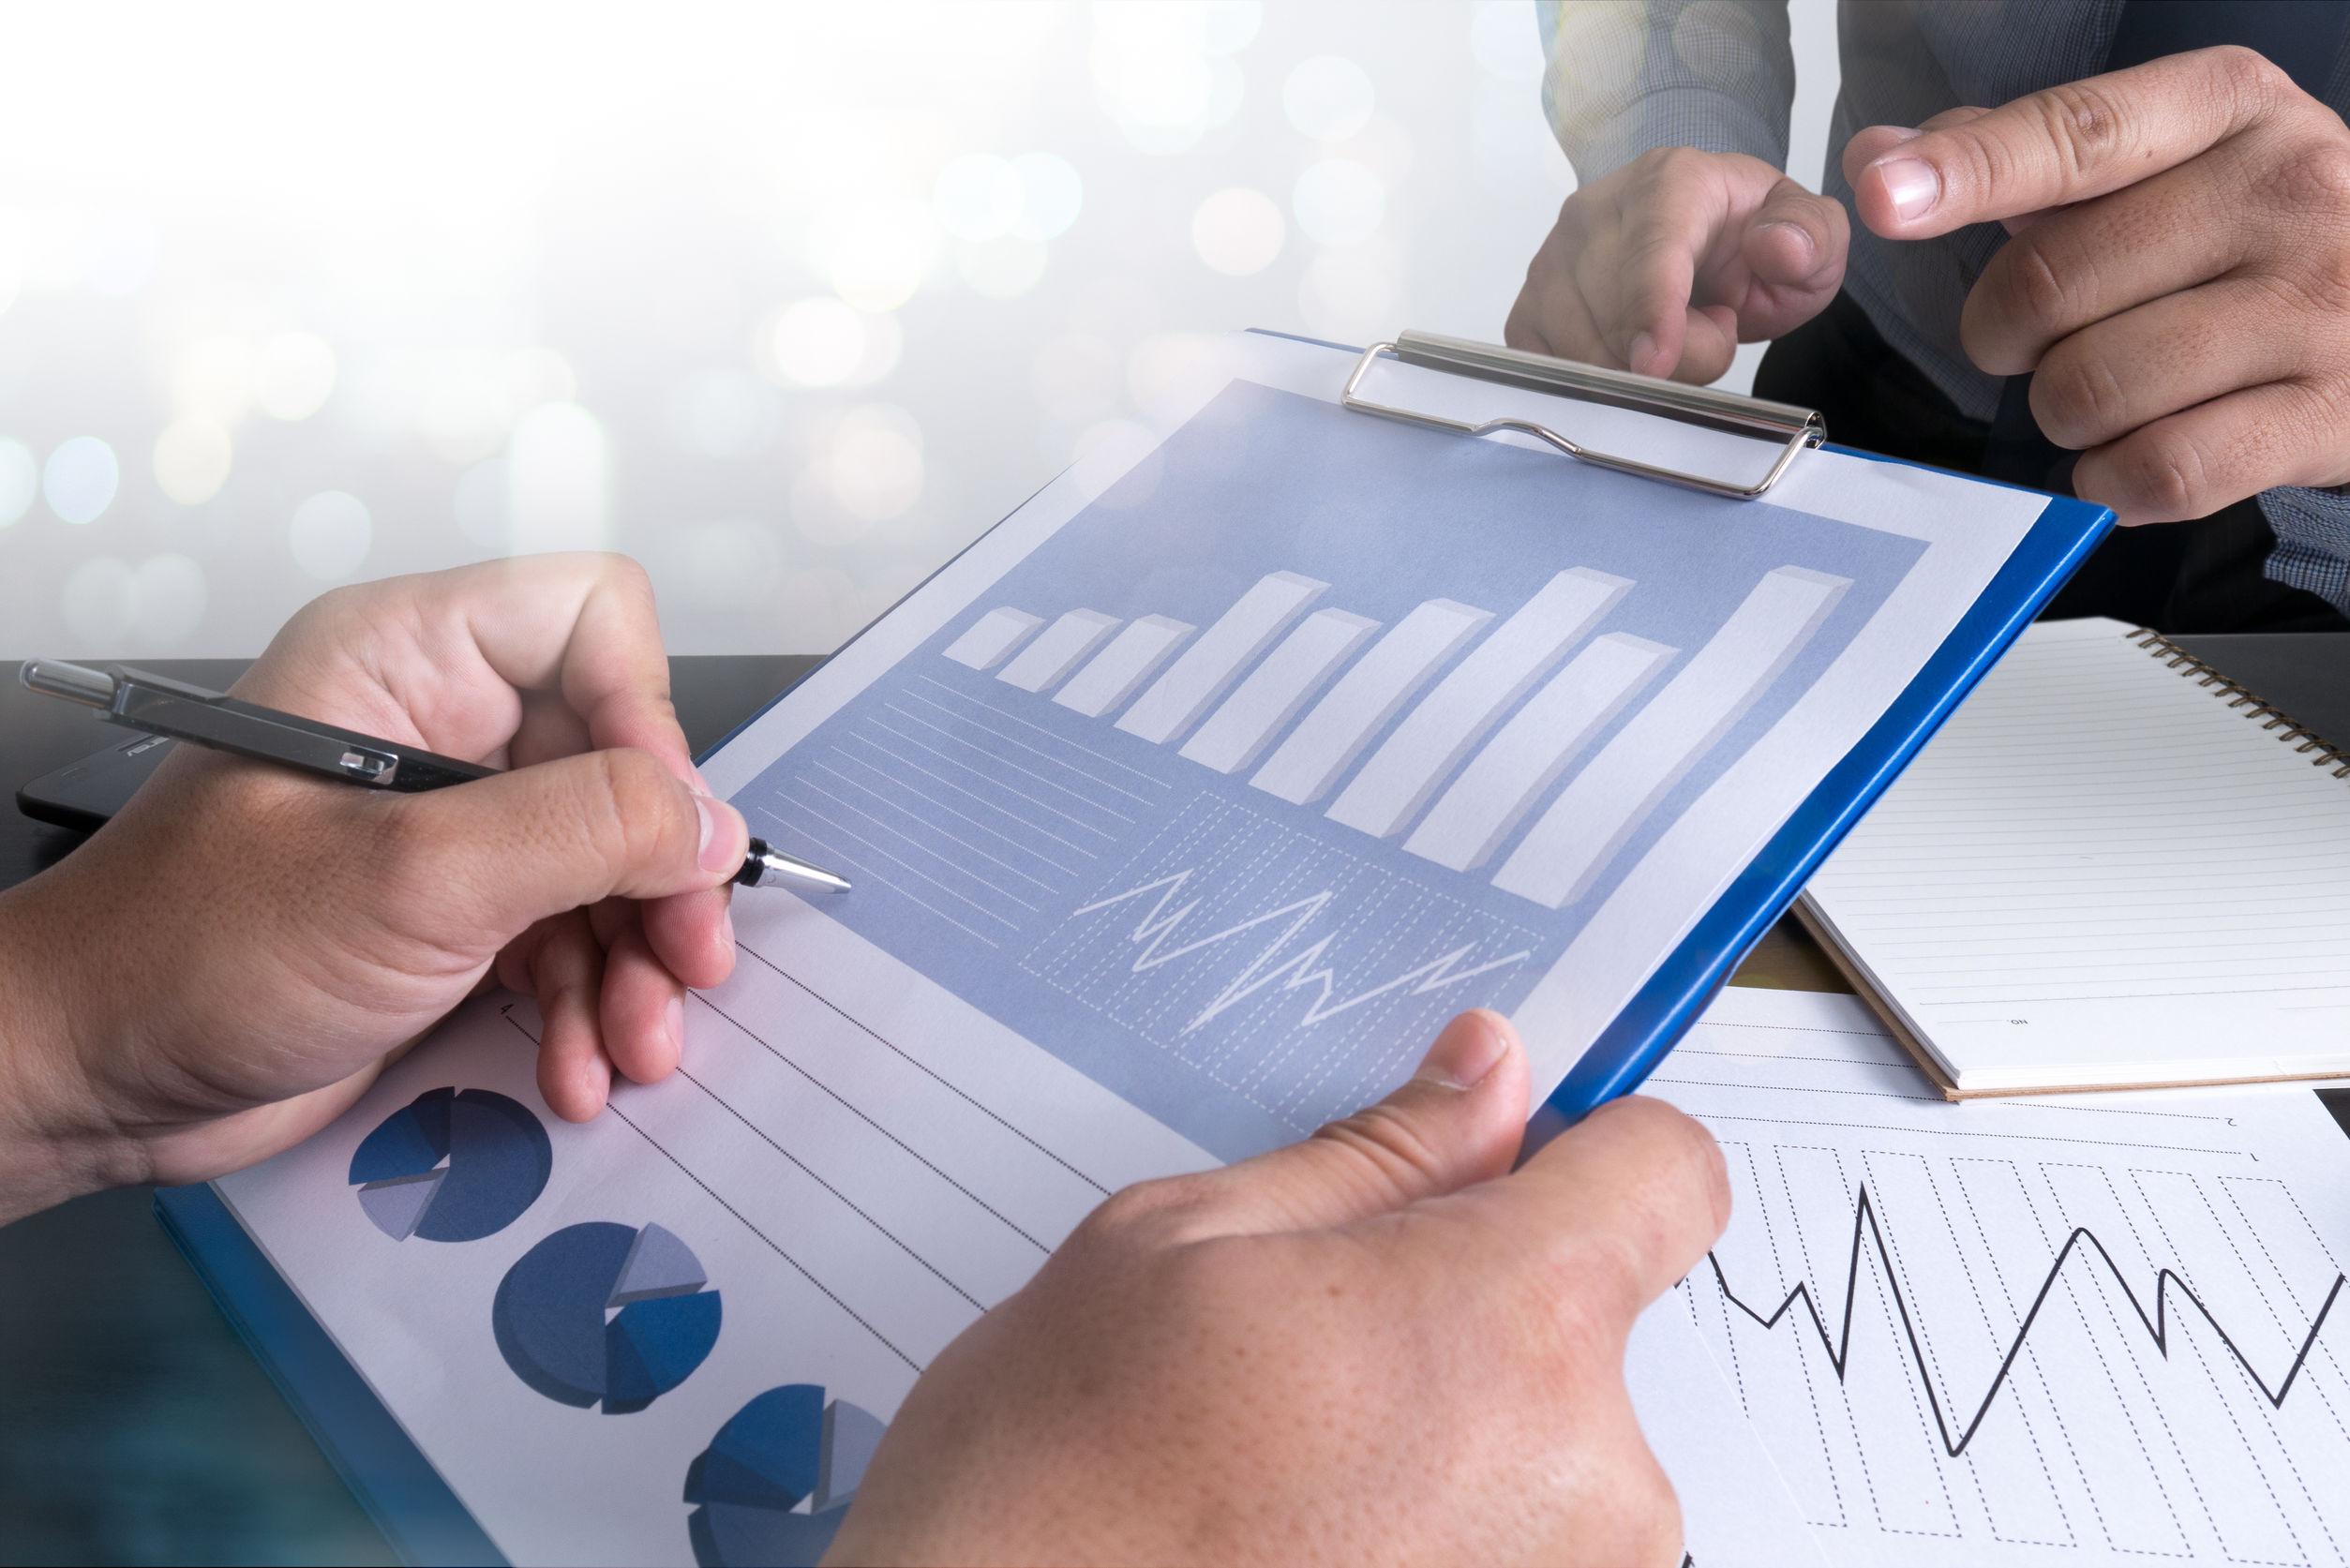 ¿Qué tipos de auditorías pueden realizar las empresas?